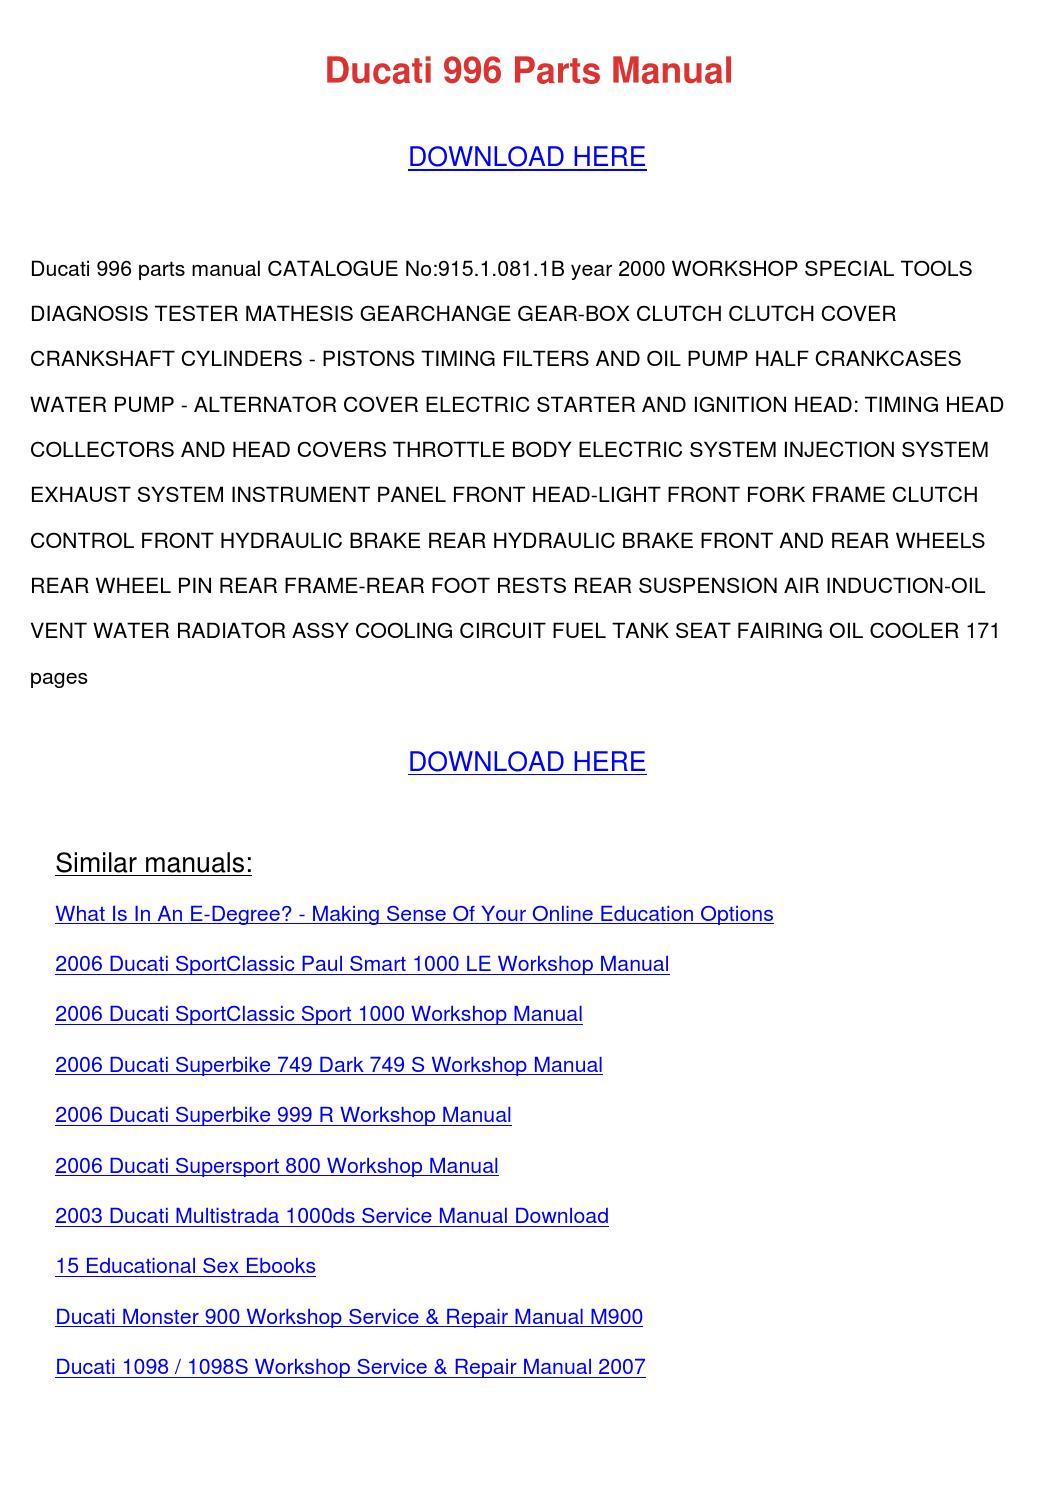 Ducati multistrada 1000ds owners manual download manuals & te.